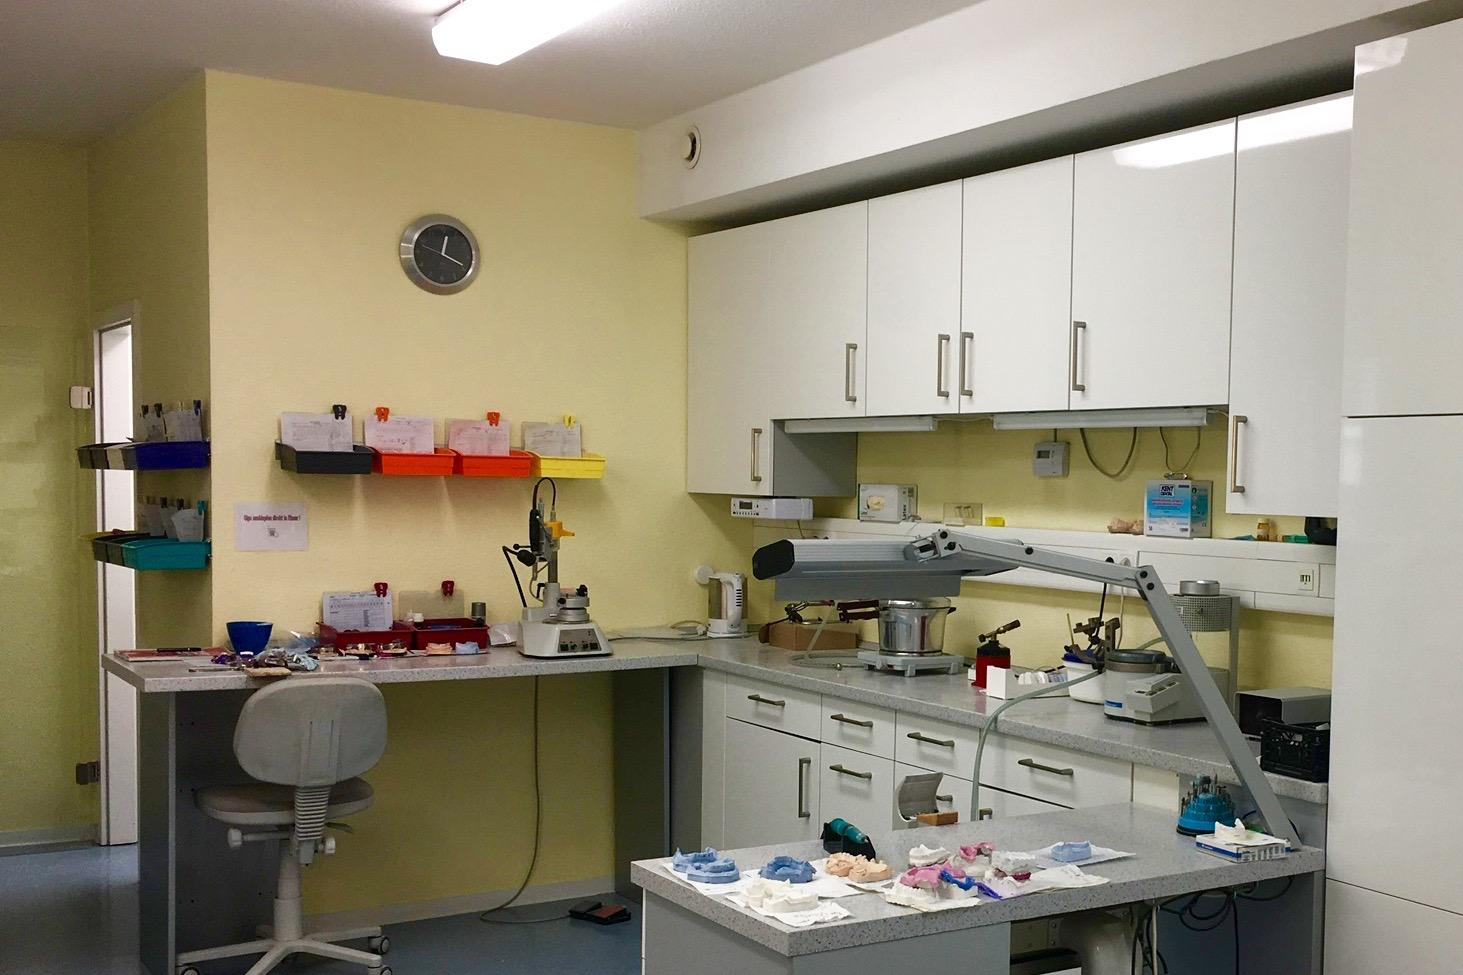 Zahntechnische Labor - praxis eisenberg